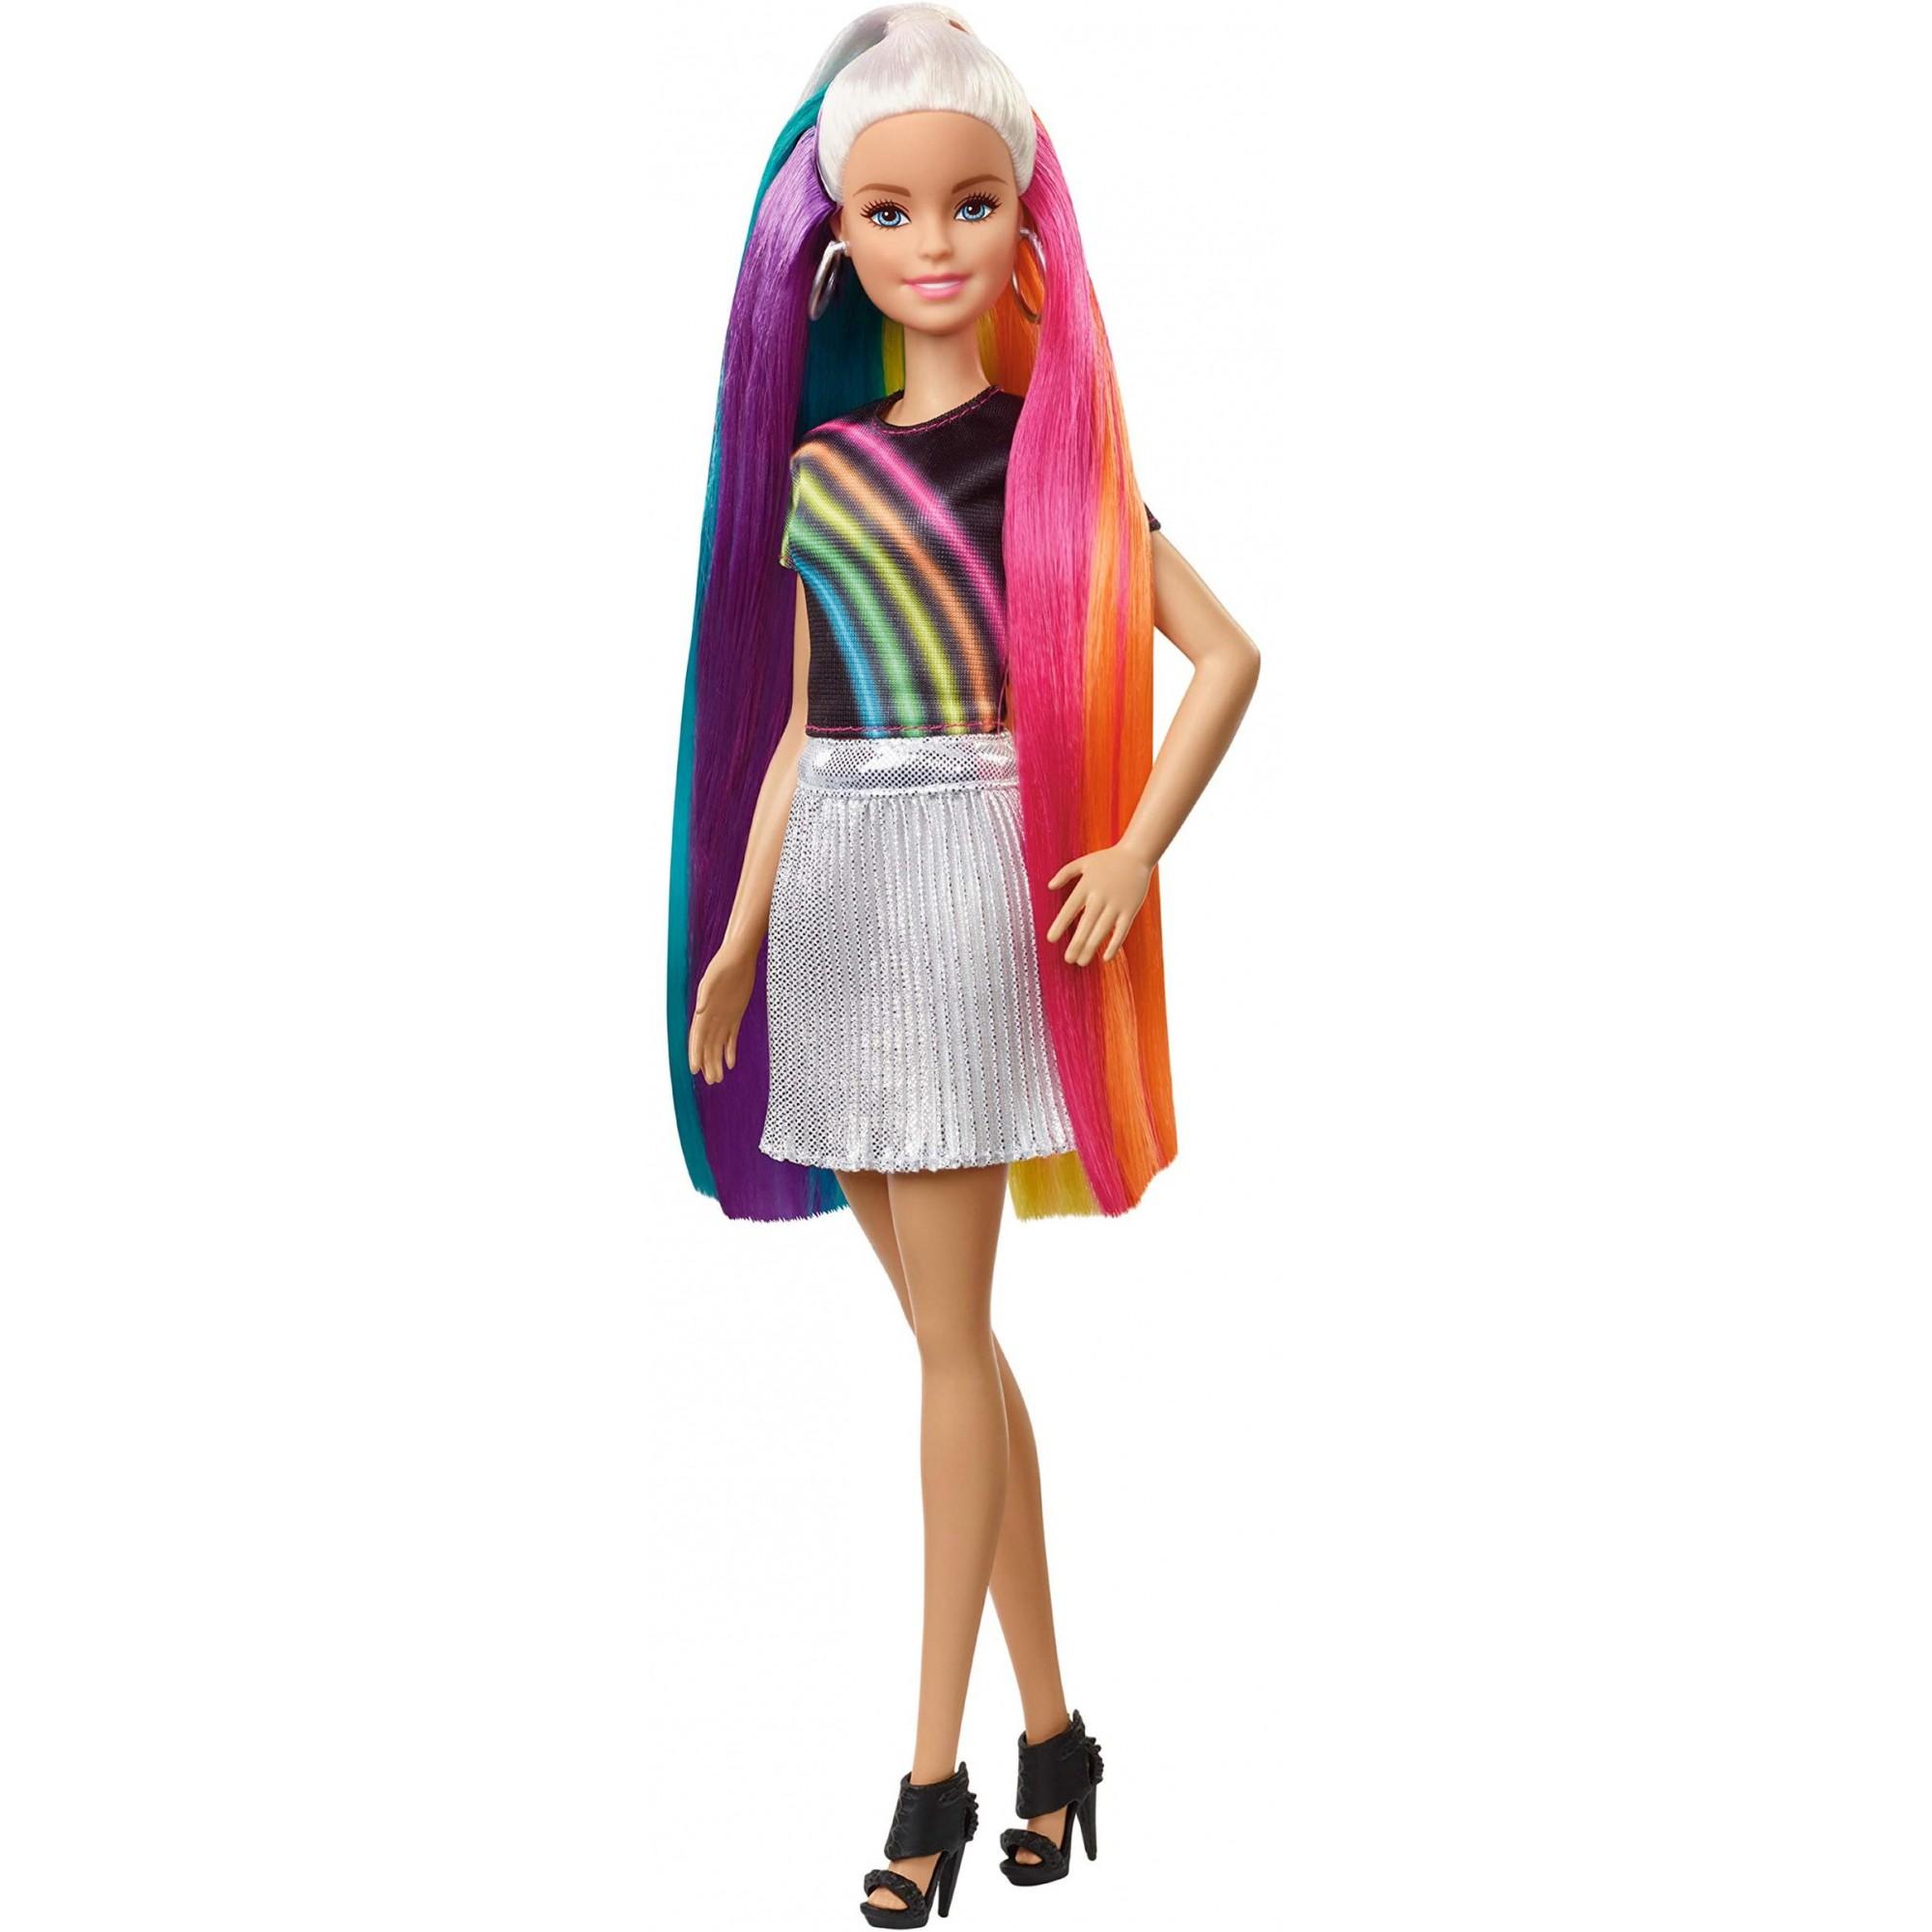 Boneca Barbie Lindos Penteados - Cabelo Arco-íris